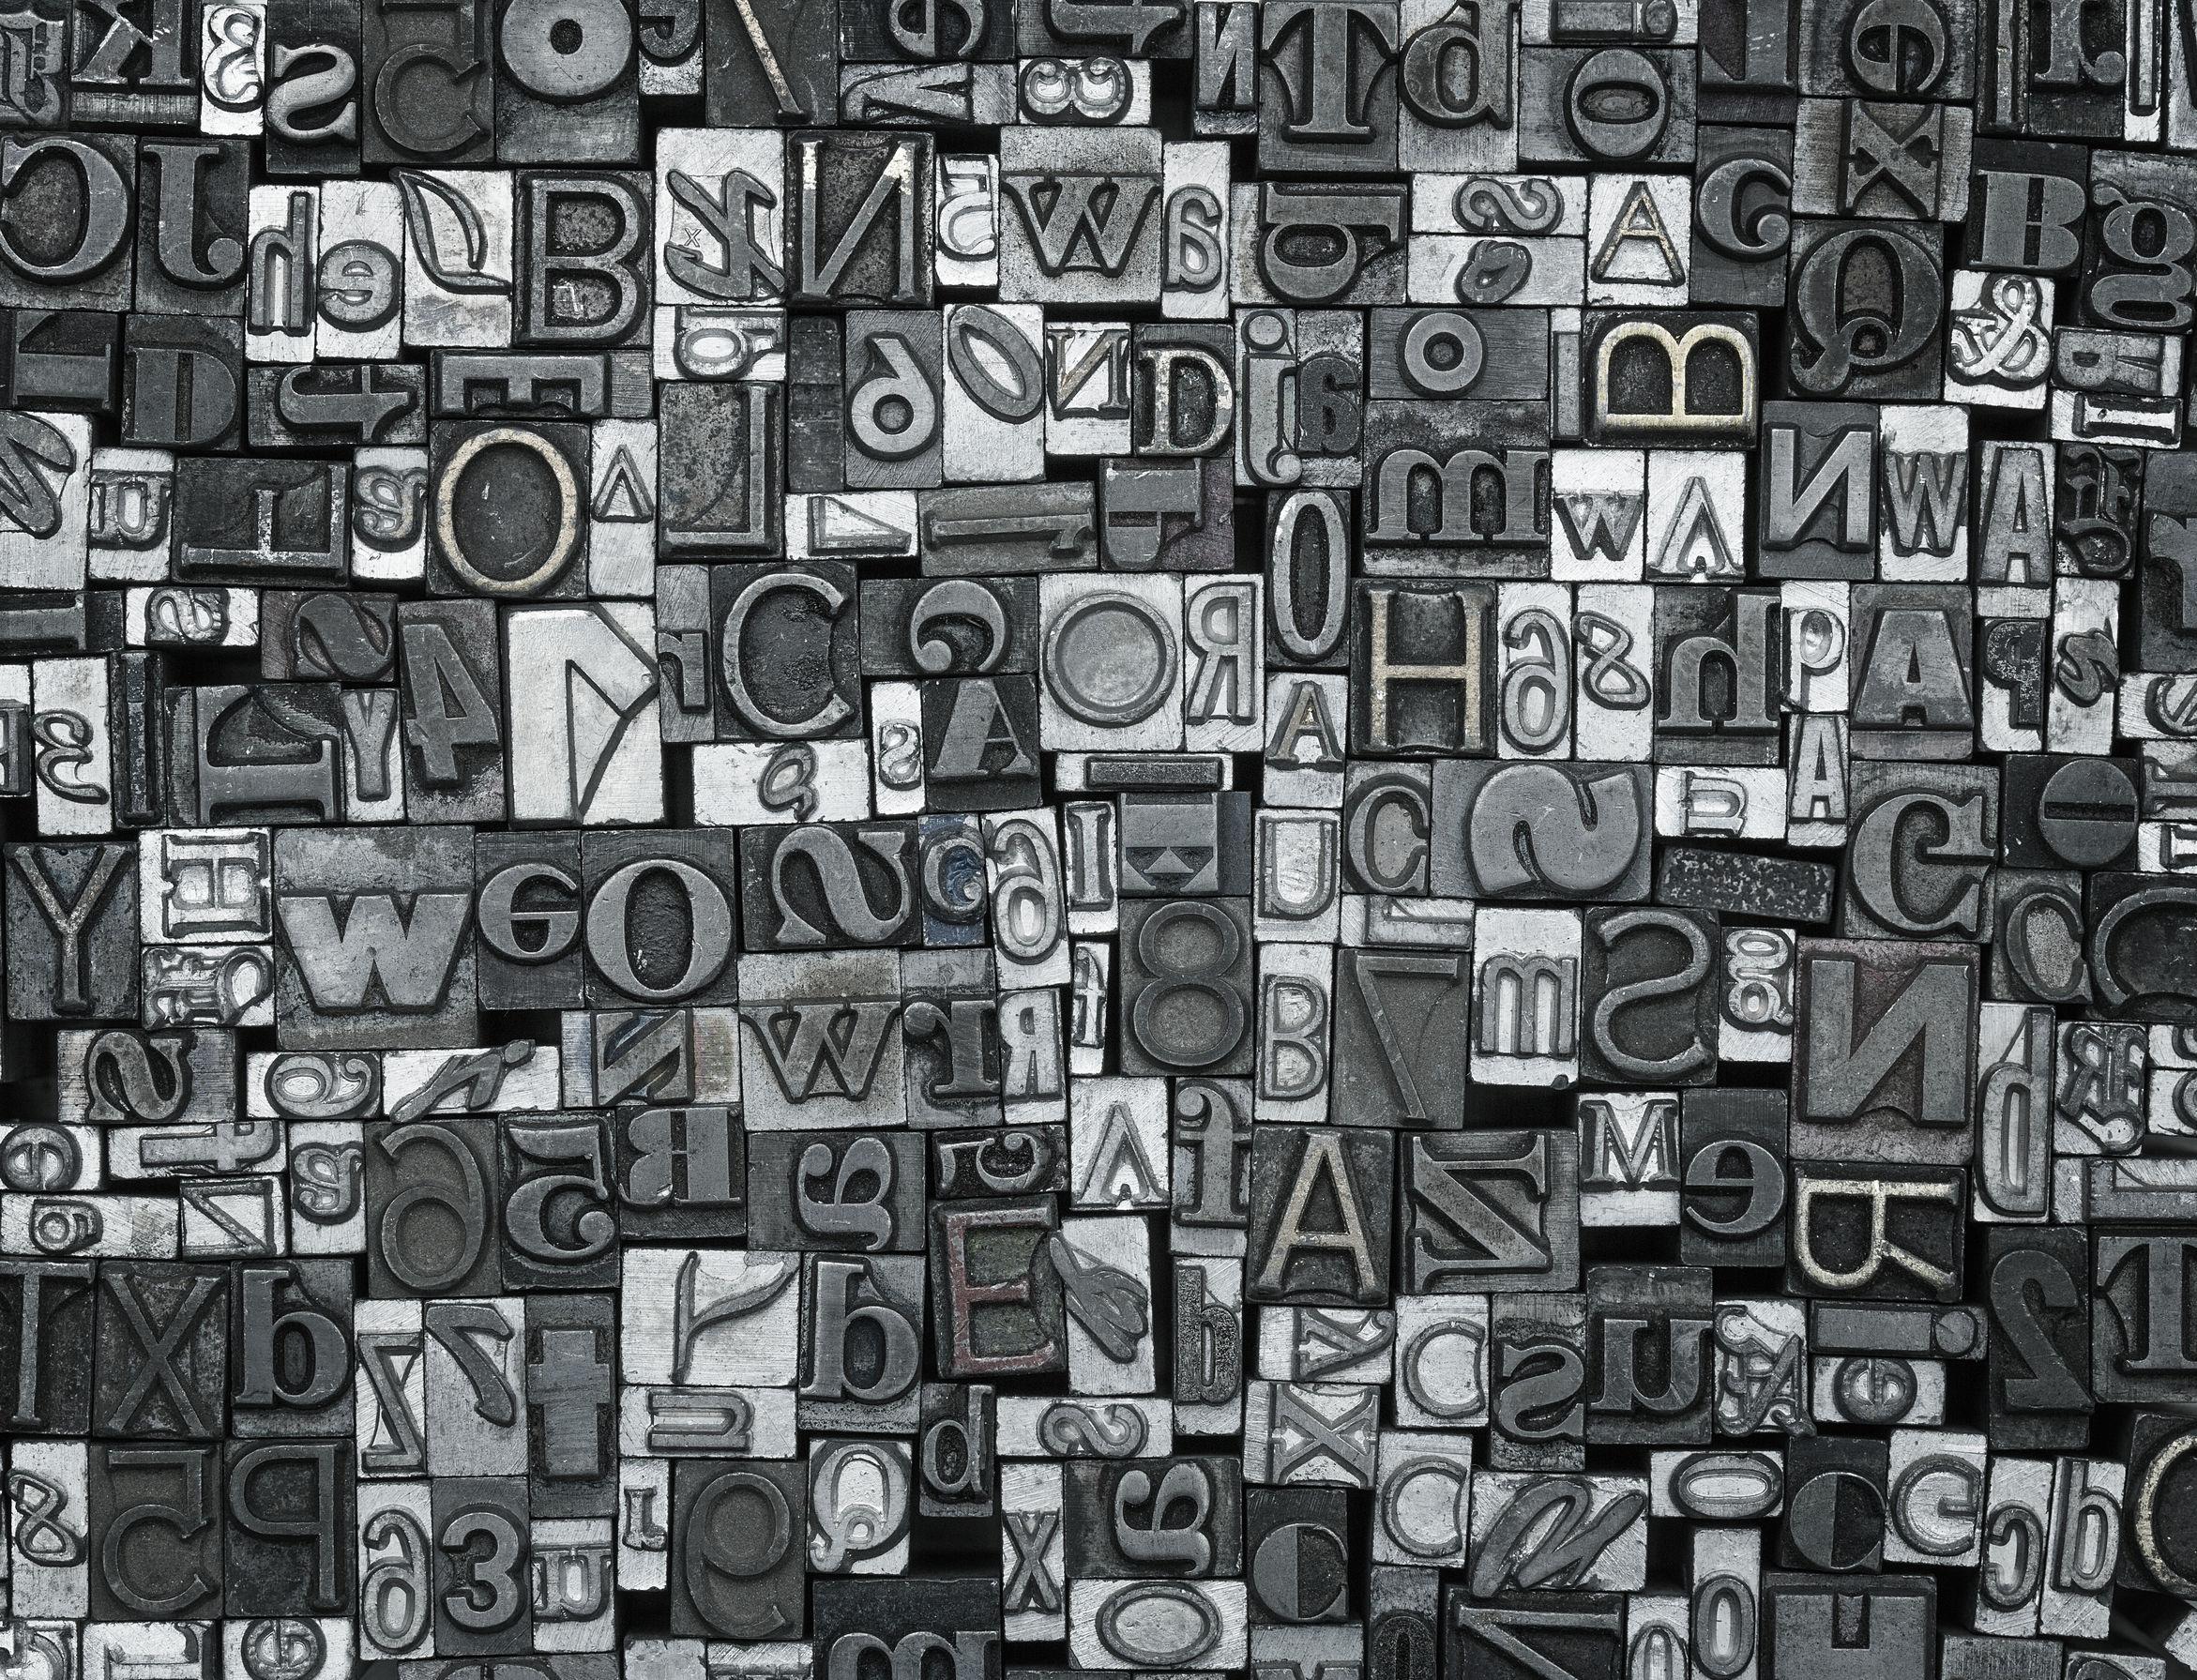 Letras perdidas: aféresis, síncopa y apócope